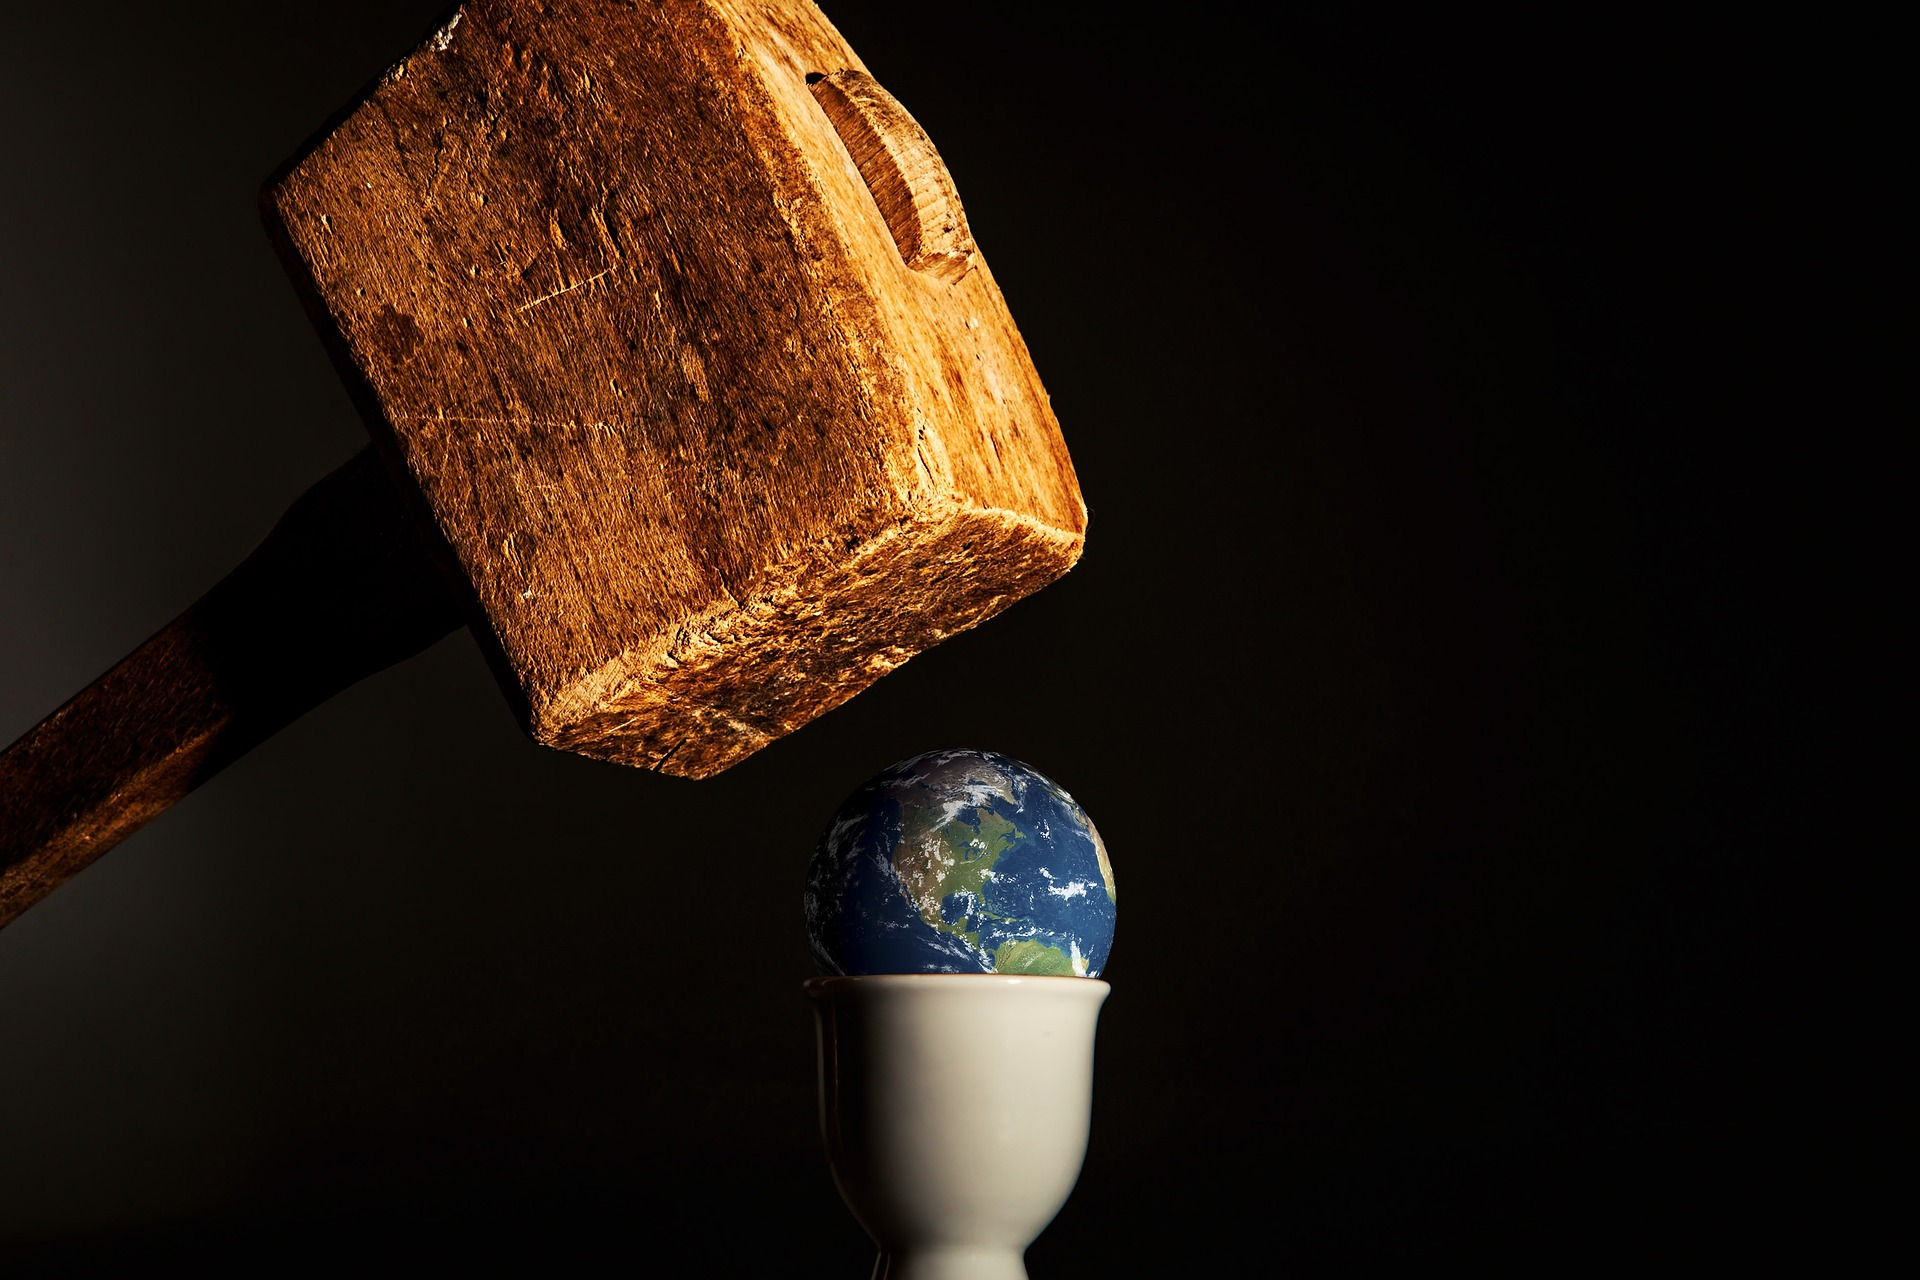 cambiare abitudini per aiutare il pianeta